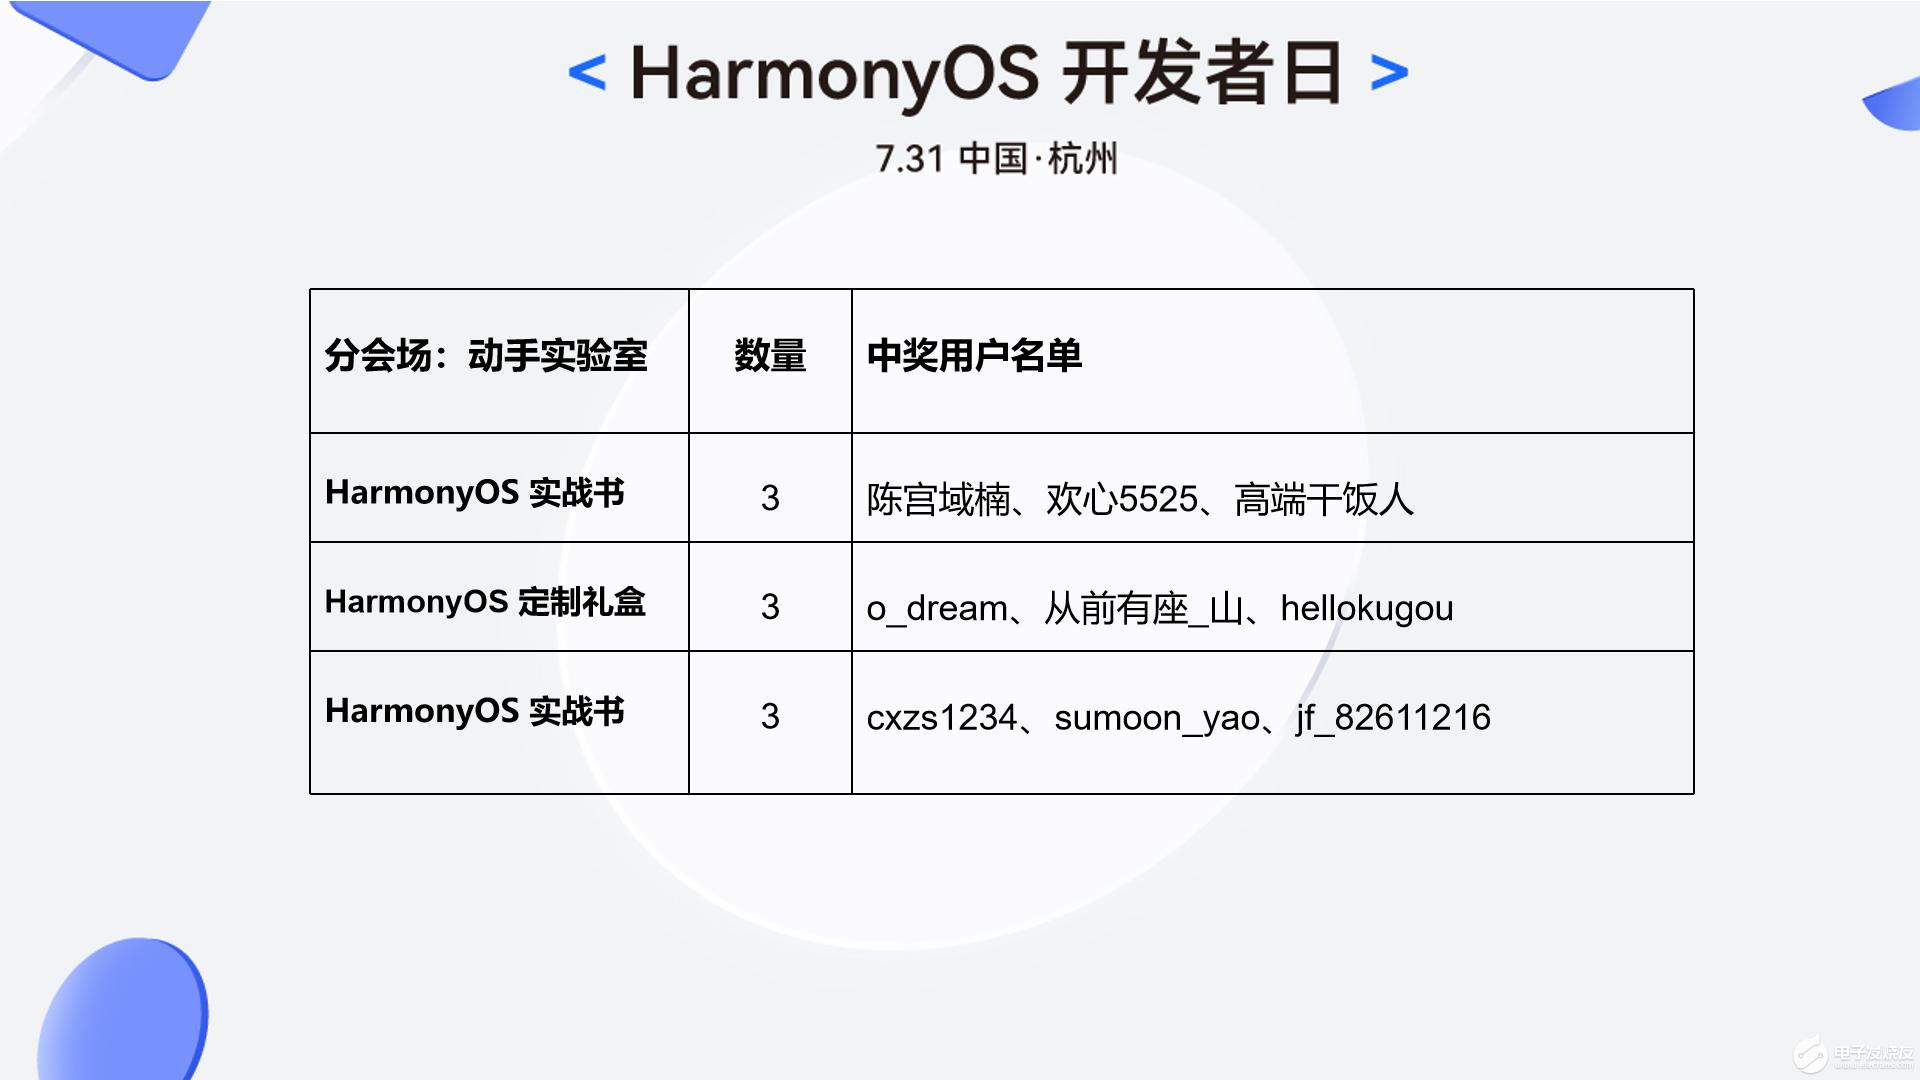 【中奖公示】731HarmonyOS开发者日直播抽奖公示及中奖登记